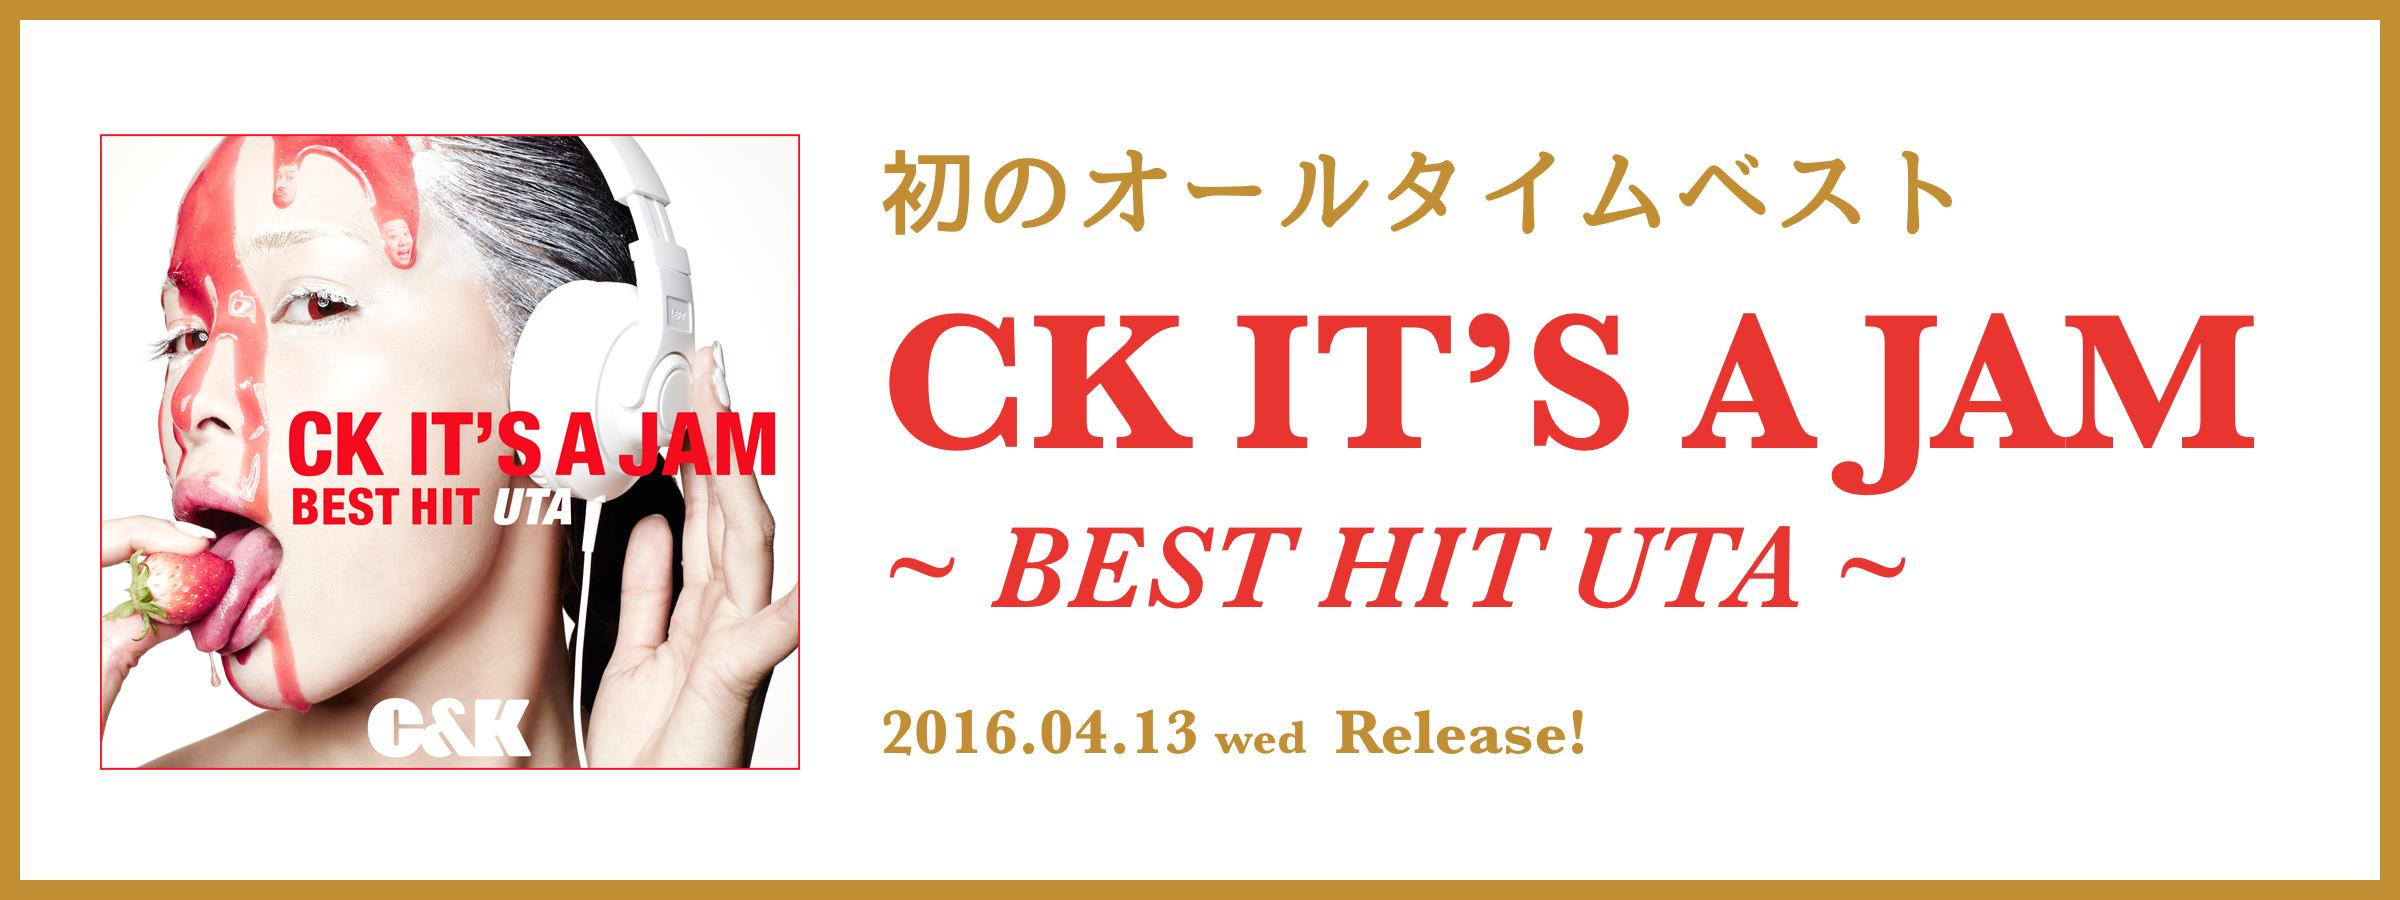 みんなの楽曲紹介 ck it s a jam best hit uta 特設サイト